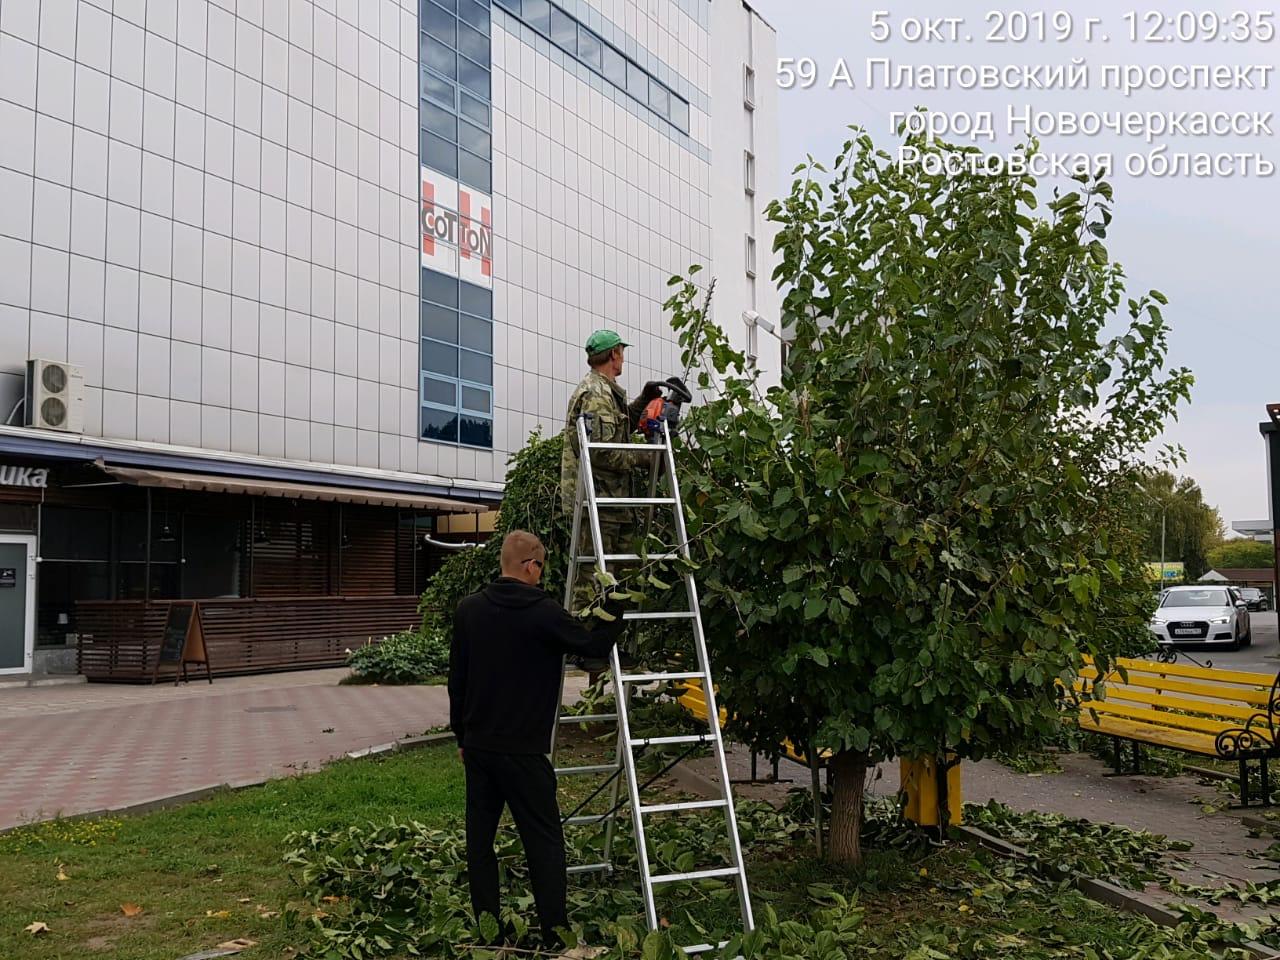 В Новочеркасске коммунальные службы производят опиловку аварийных веток на деревьях и постригают кусты